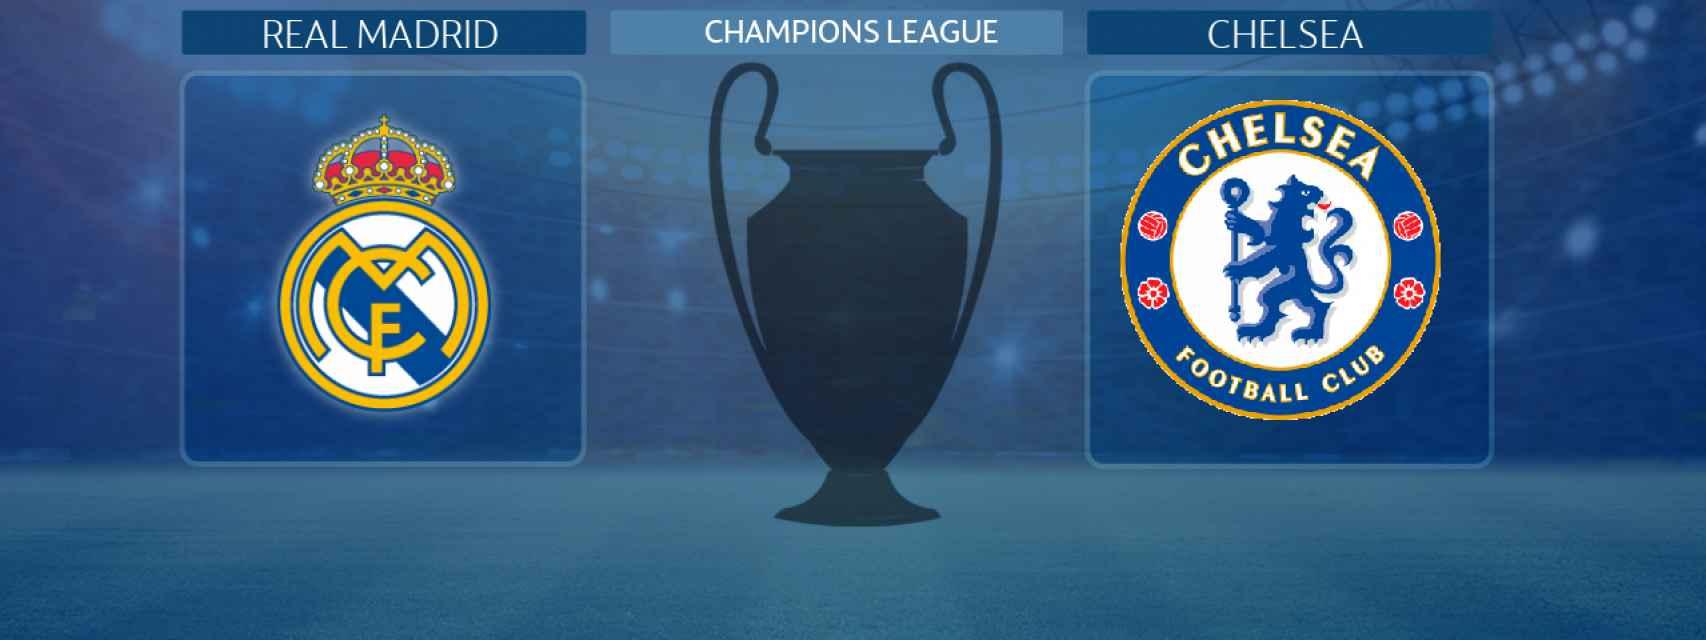 Real Madrid - Chelsea, partido de la Champions League